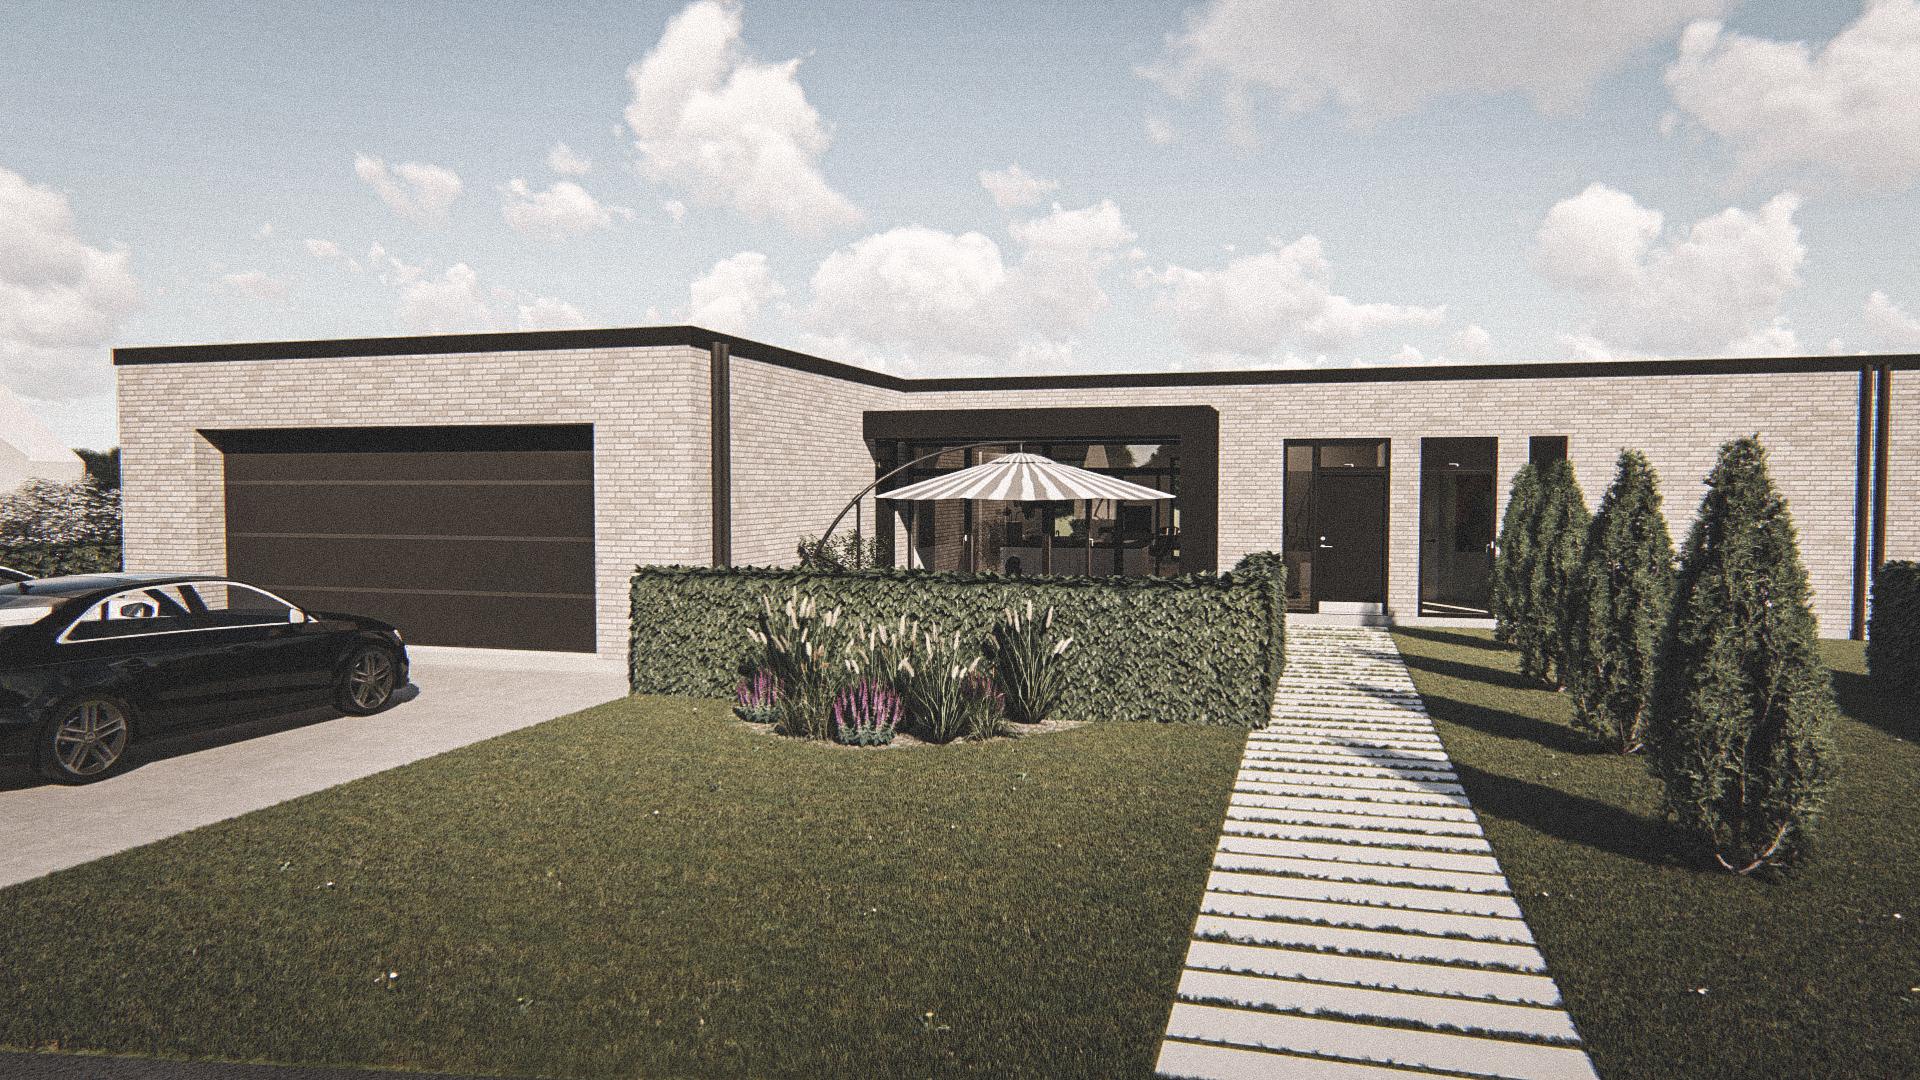 Billede af Dansk arkitekttegnet 1 plan villa af arkitektfirmaet m2plus, i Hjørring på 204 kvartratmeter.